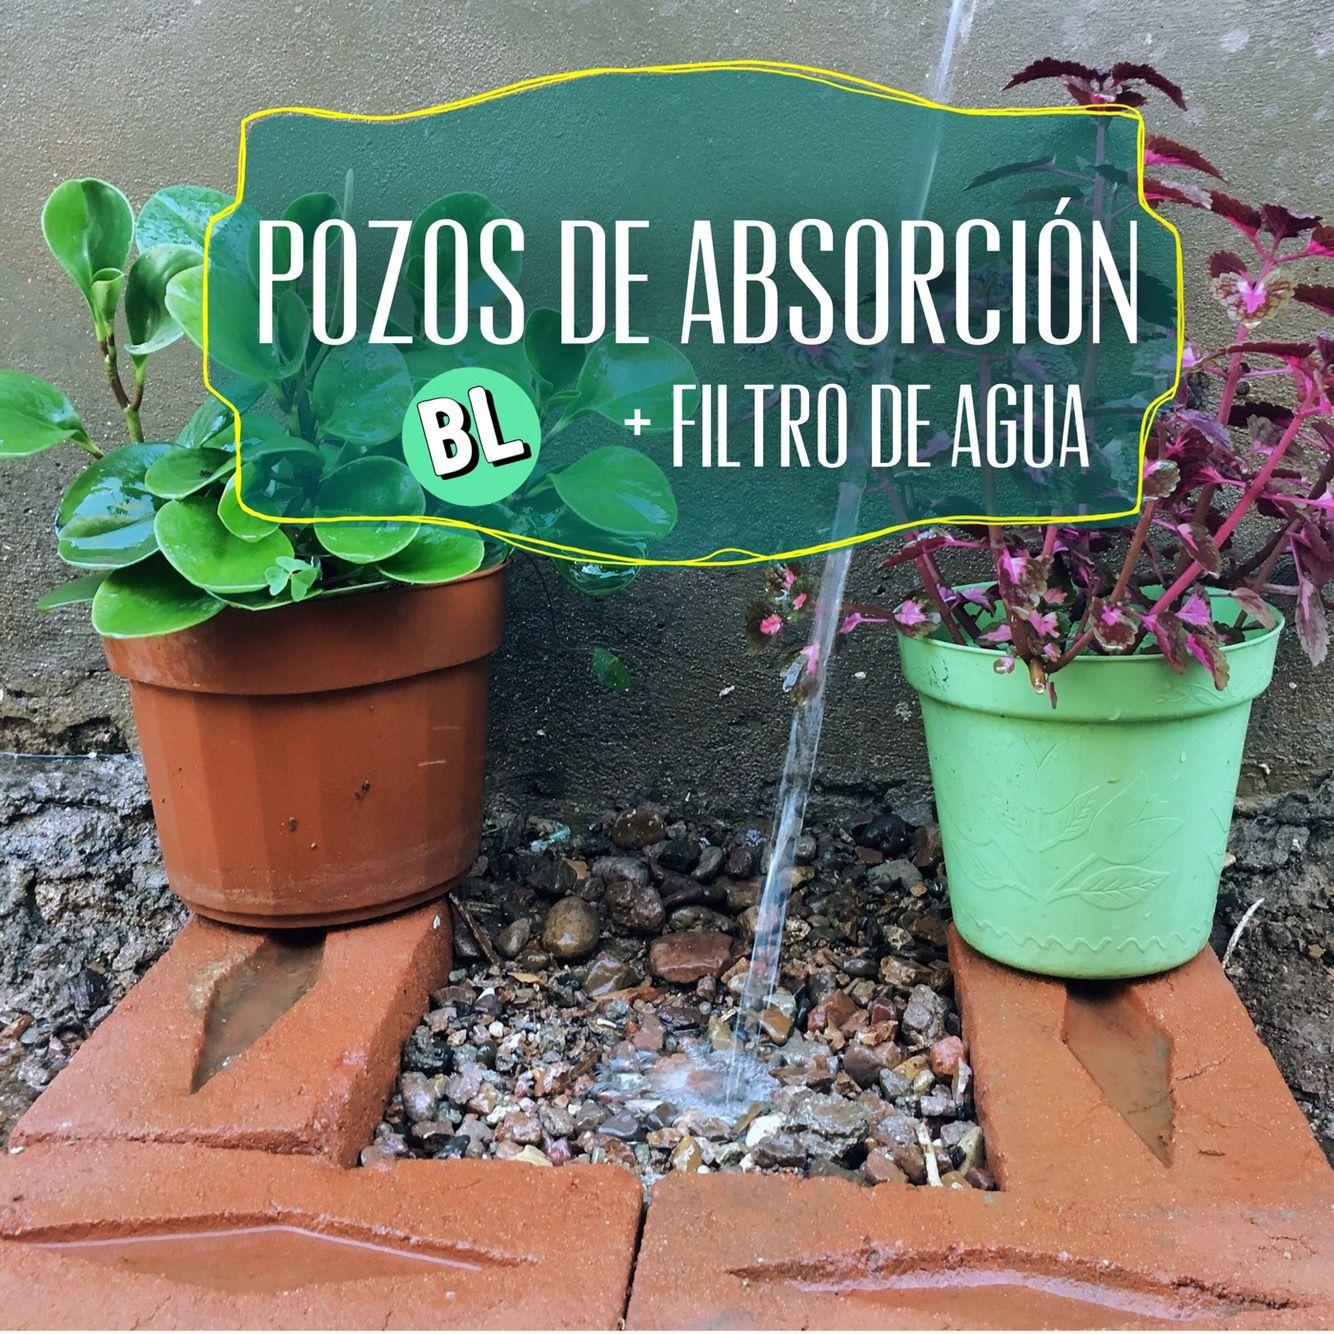 Pozos De Absorción Bloglenteja En 2020 Ideas De Jardinería Caidas De Agua Distribucion Del Agua